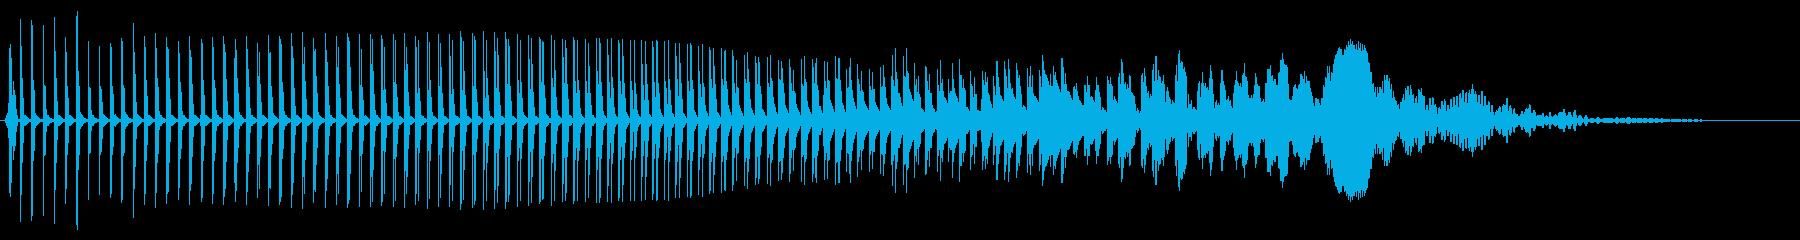 厳しいパワーバズスイープの再生済みの波形